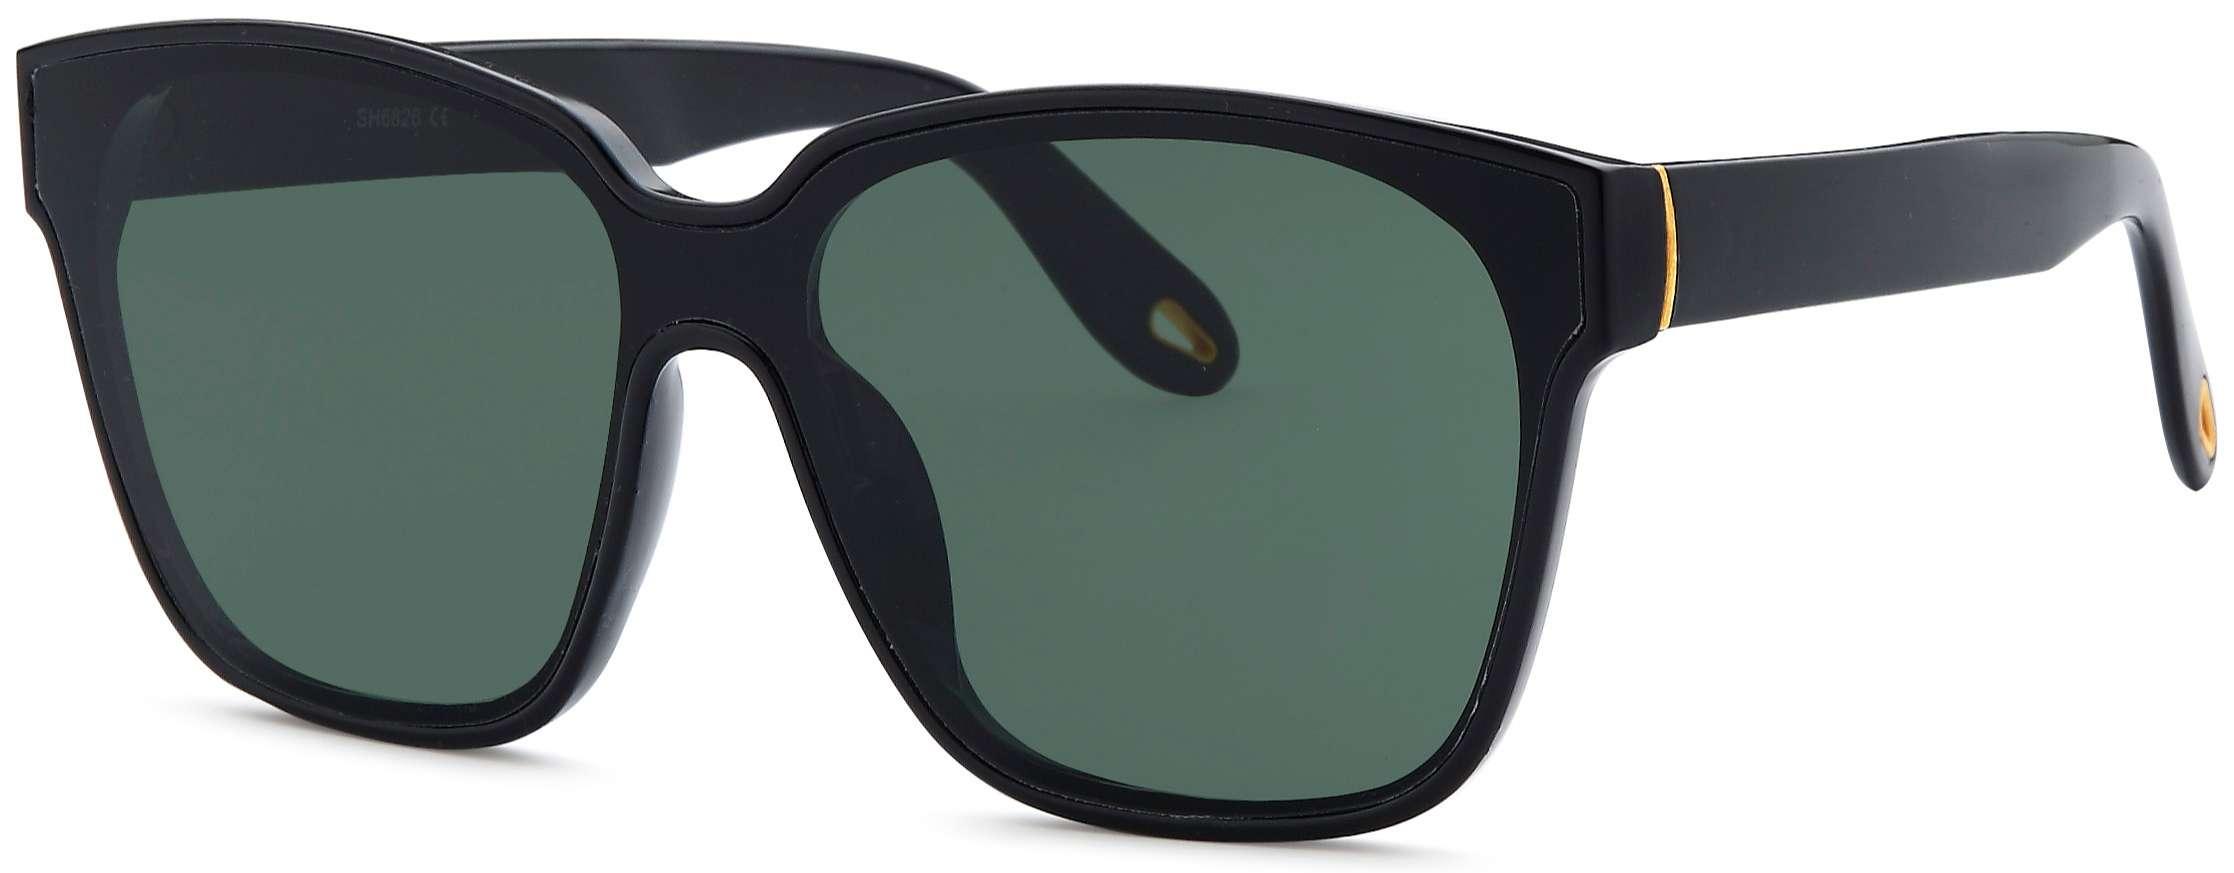 black frame women sunglasses